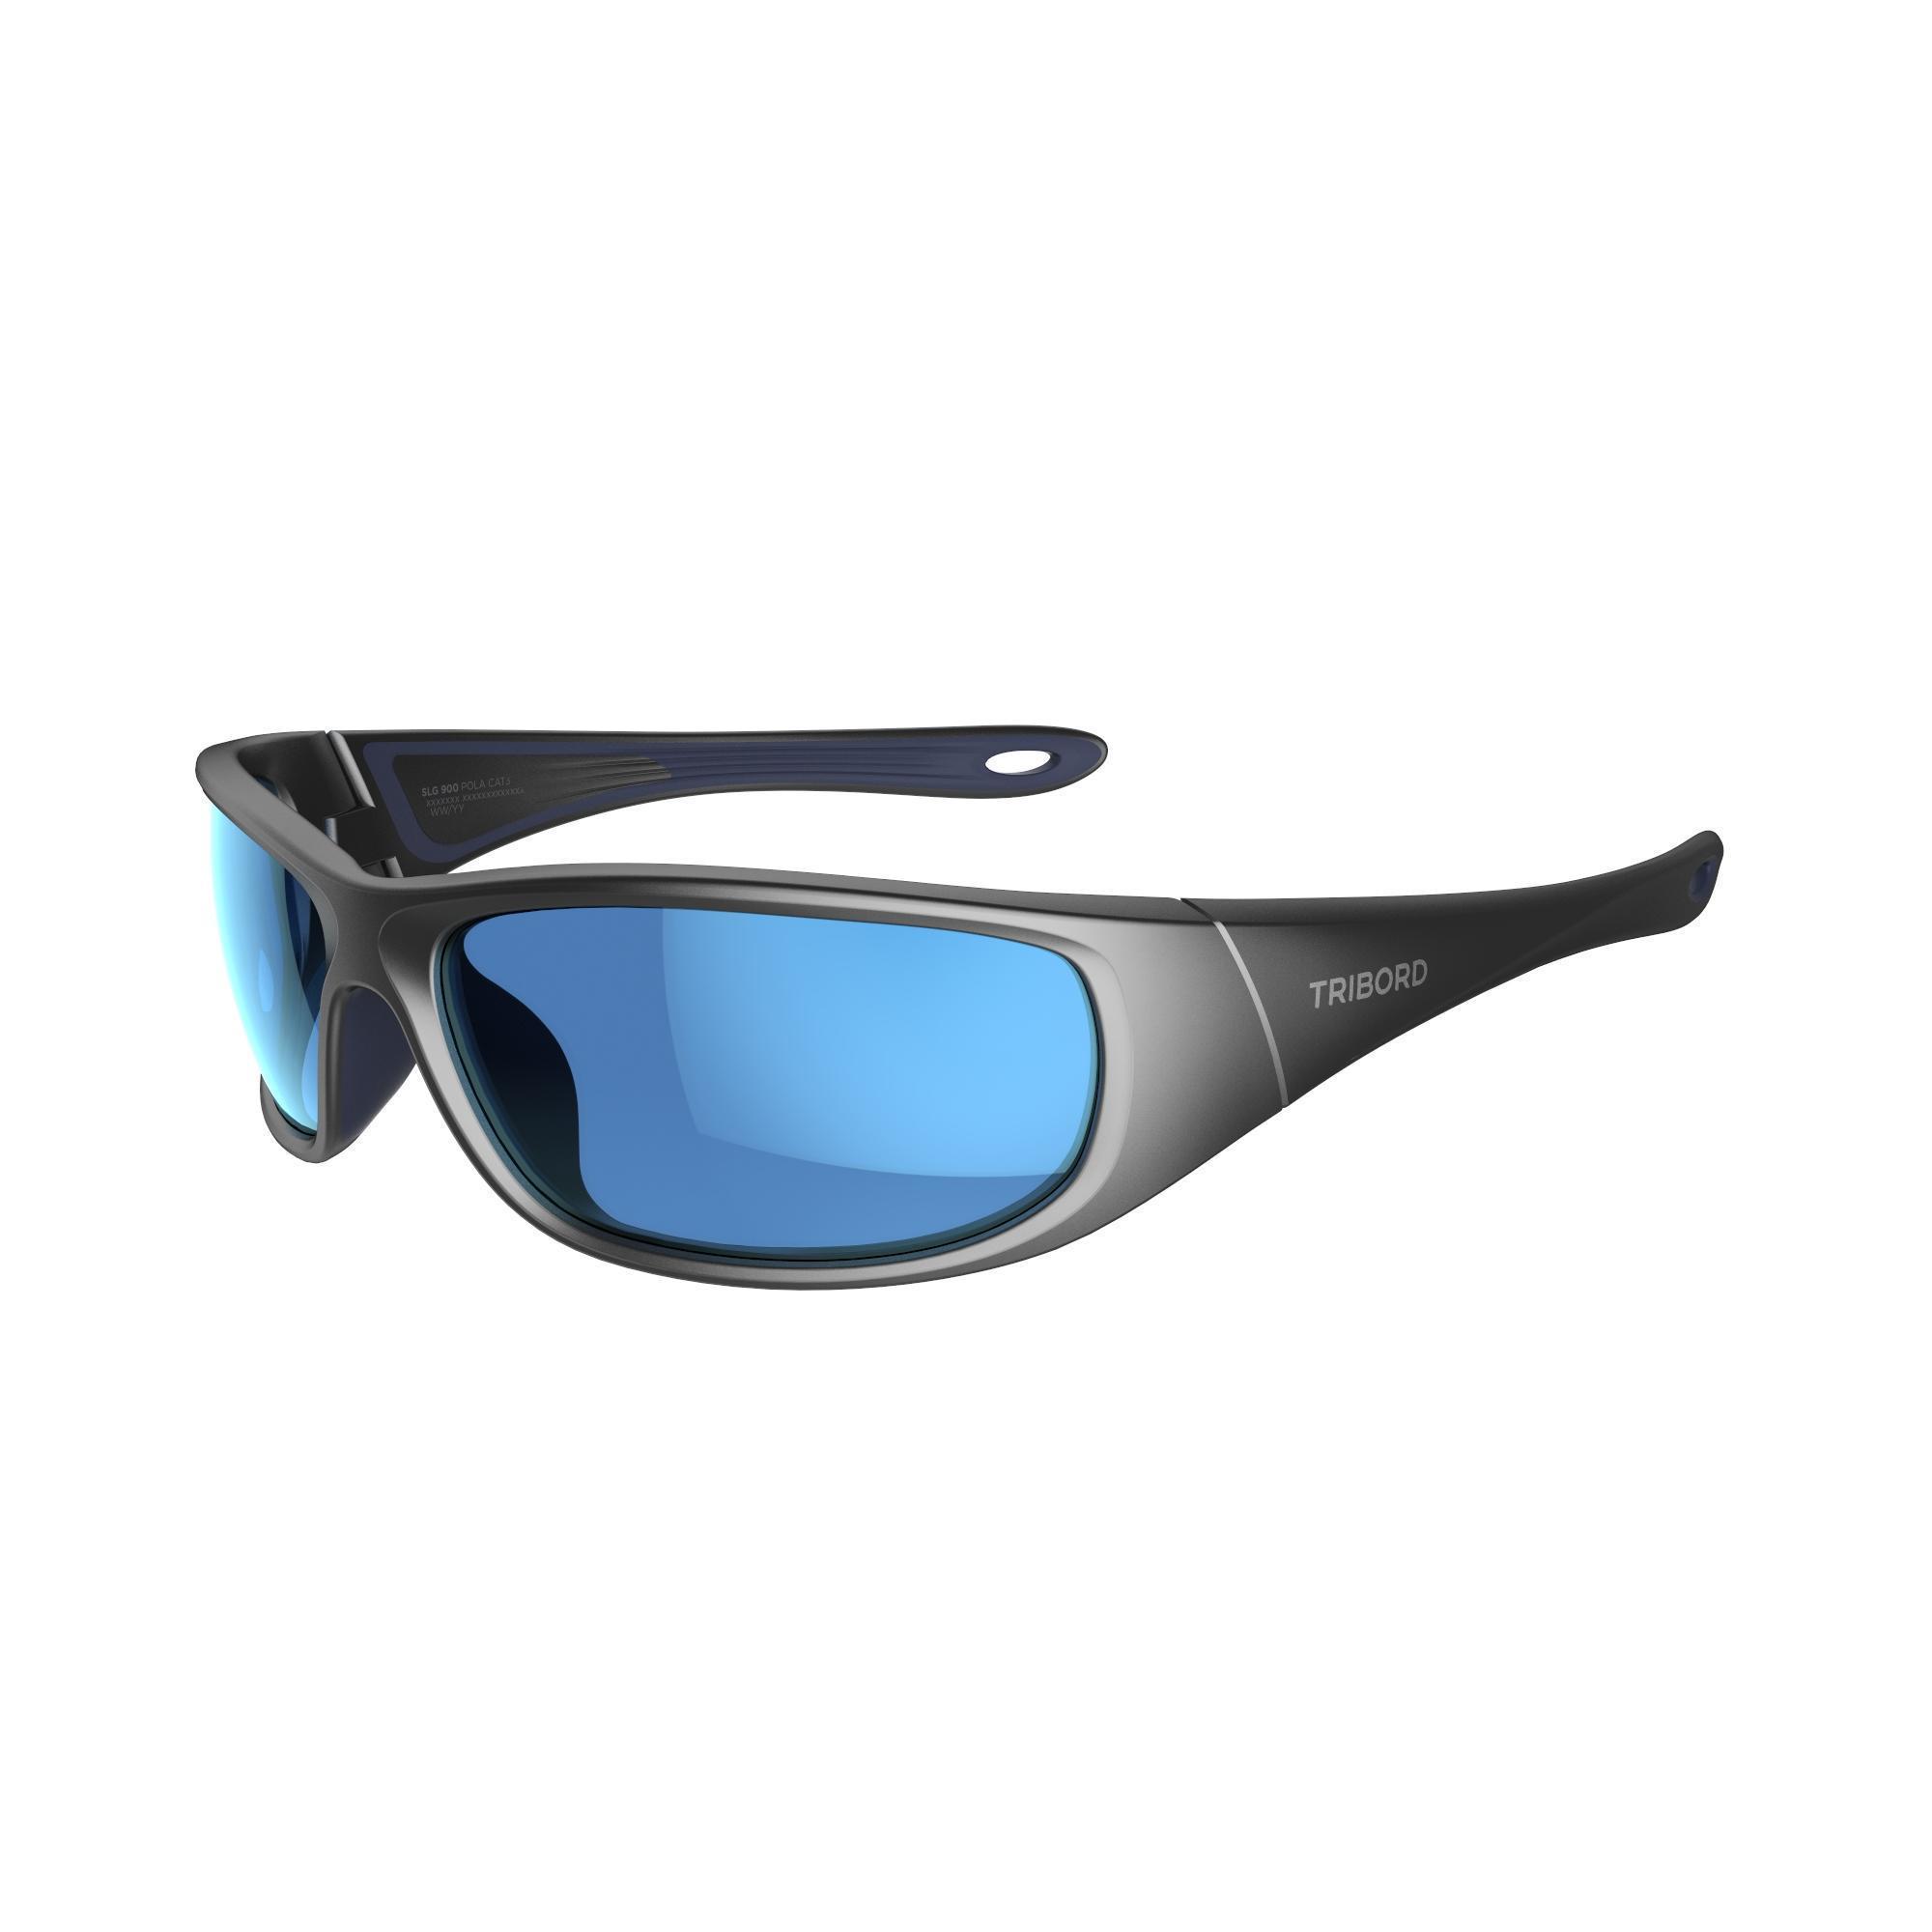 Damen,Herren Sonnenbrille Sport Segeln 900 schwimmfähig polarisiert Kategorie 3 grau   03583788301004